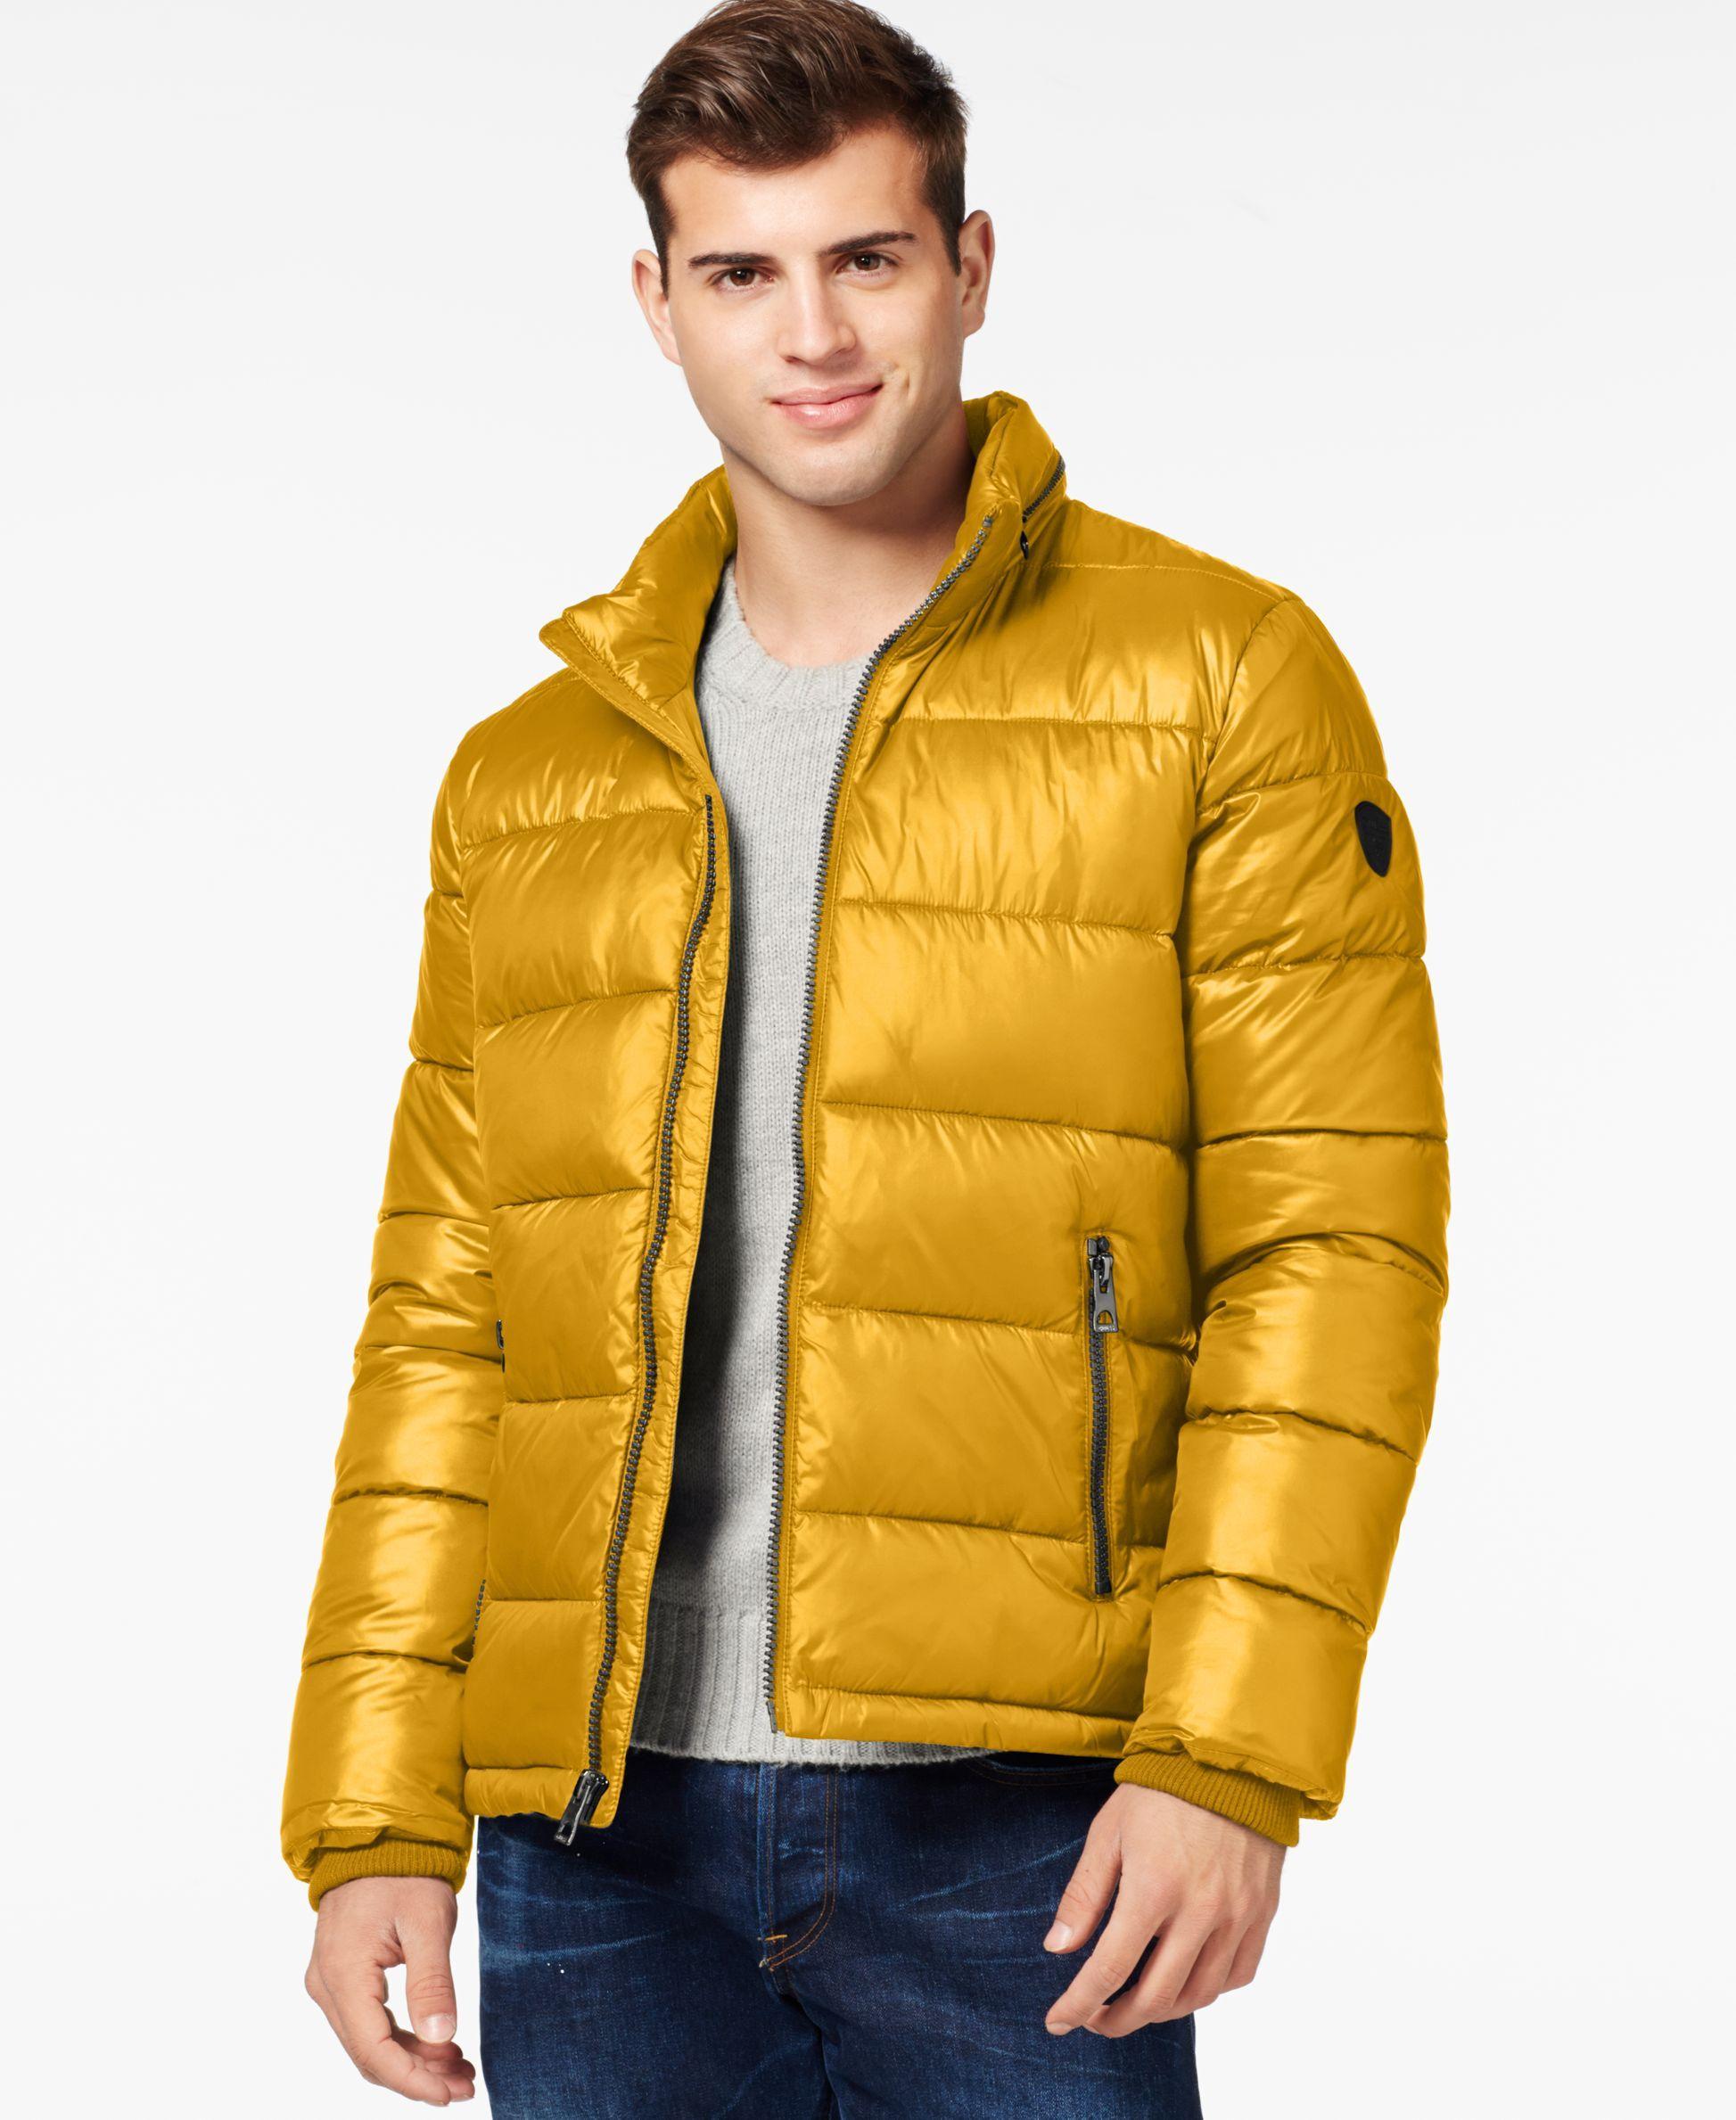 Guess Basic Puffer Jacket Winter jacket men, Winter